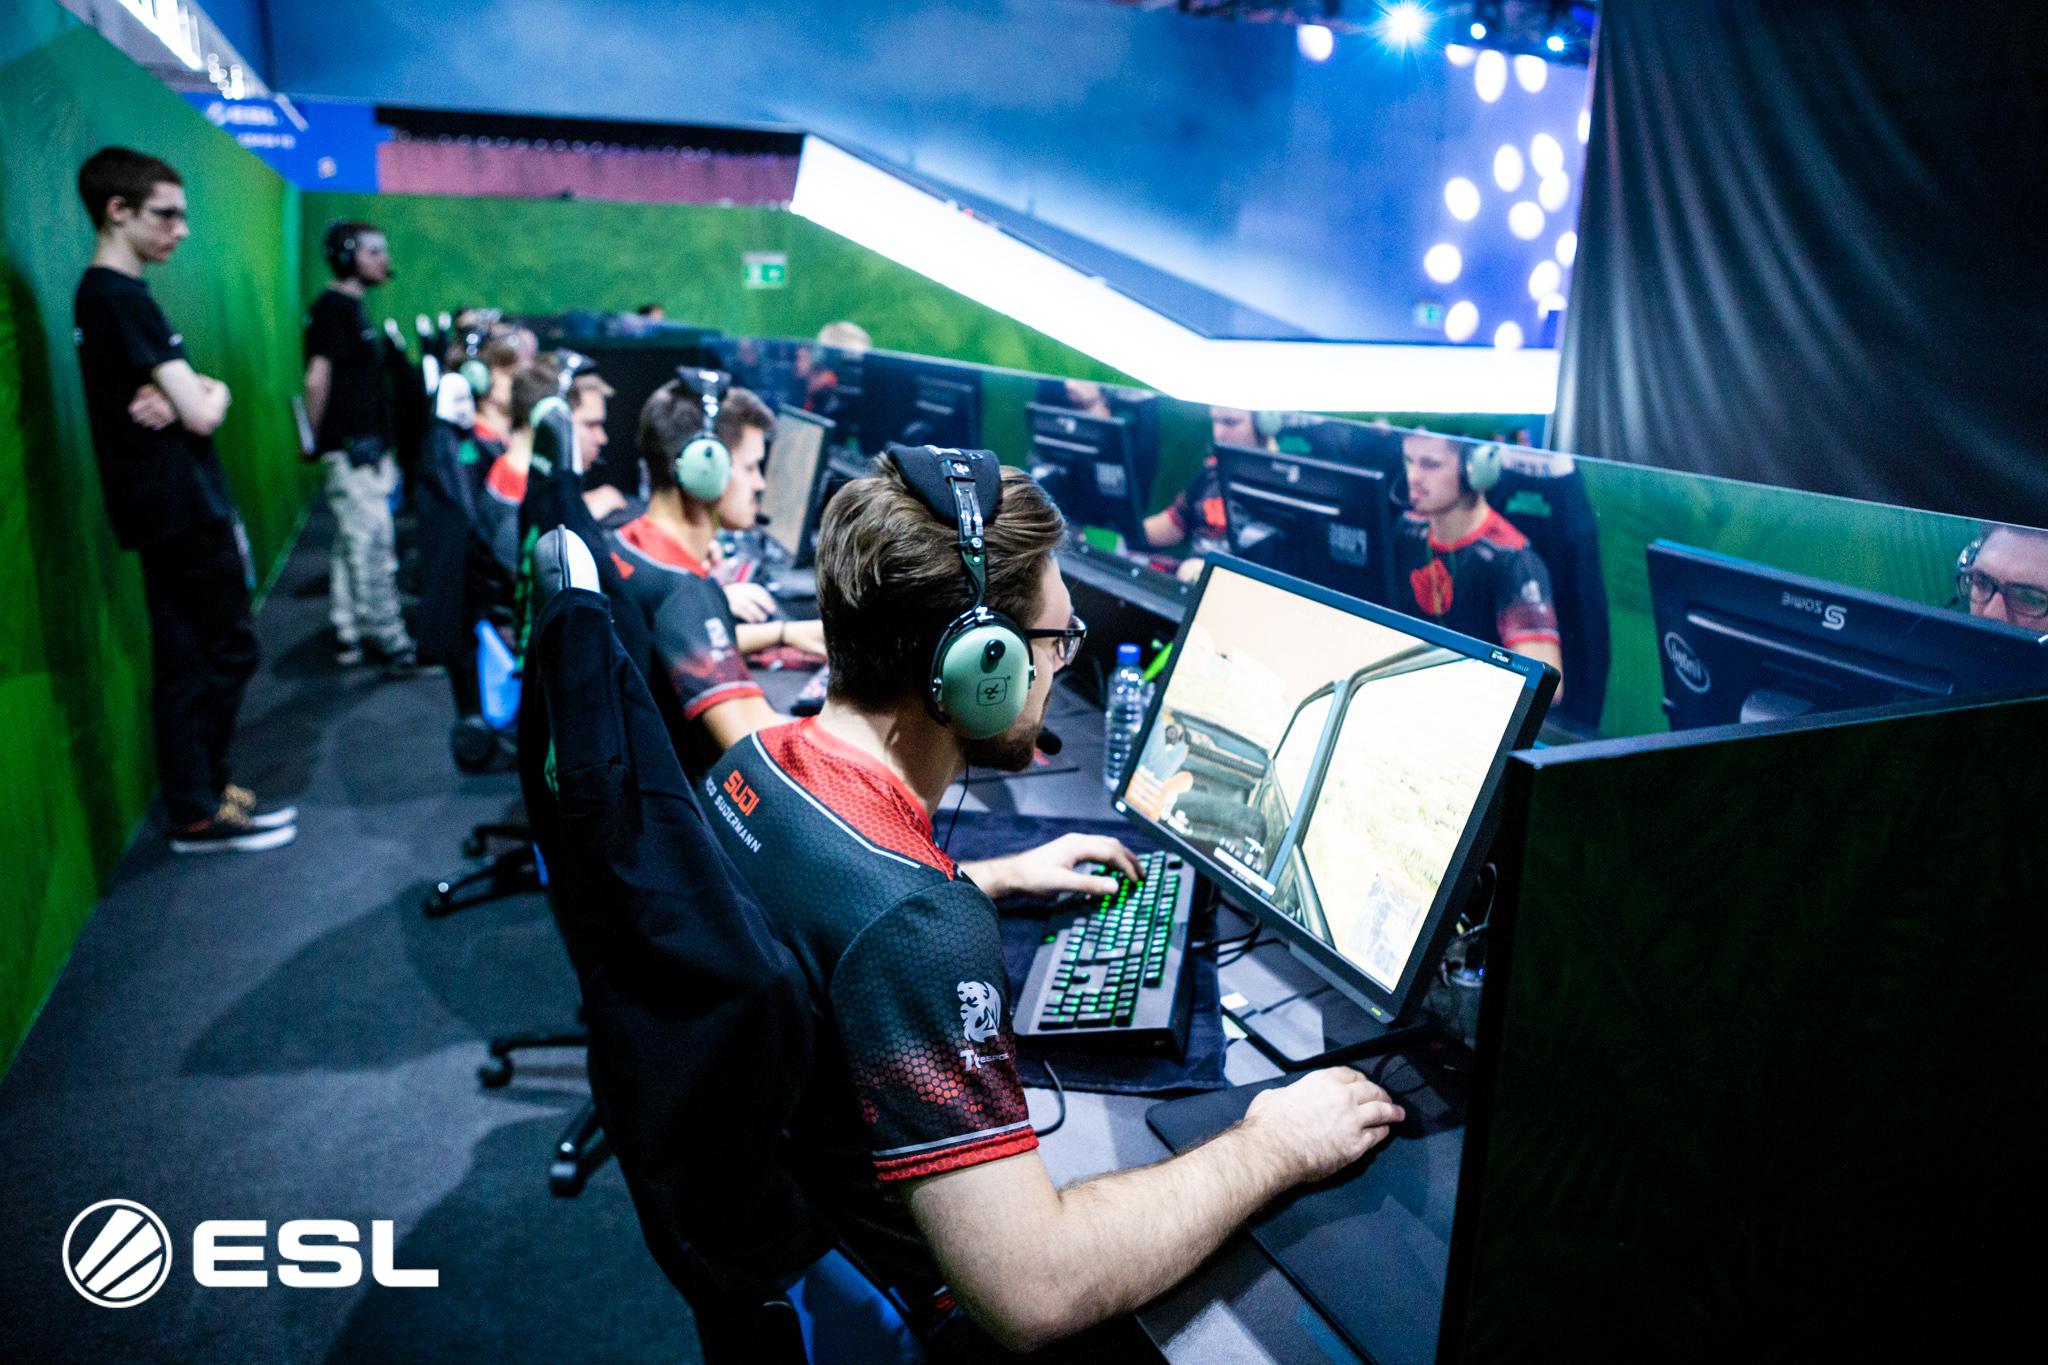 Vor dem 2. Spieltag: Können PENTA Sports ihre Gala vom Auftakt wiederholen?